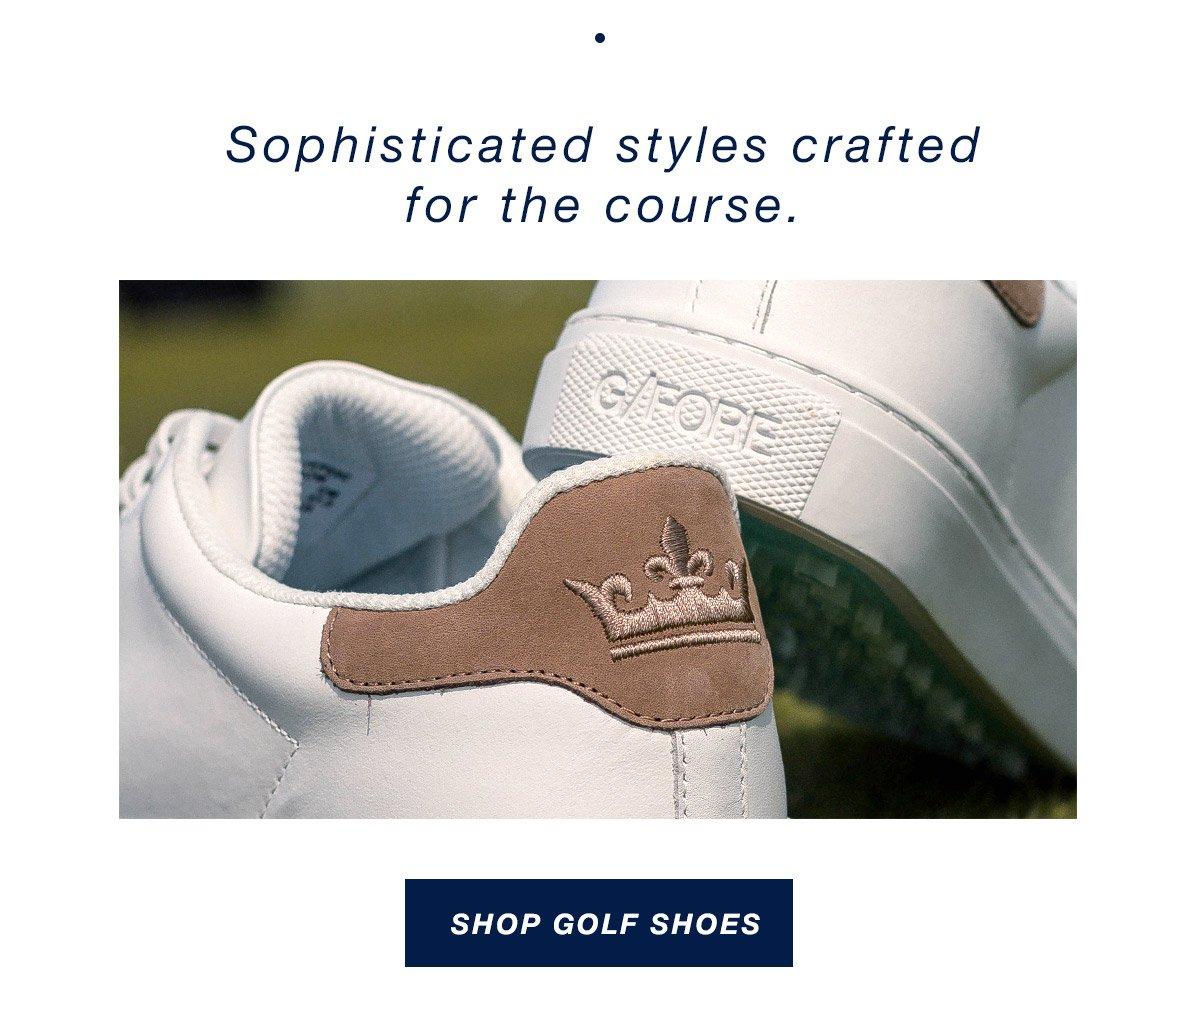 Shop Golf Shoes